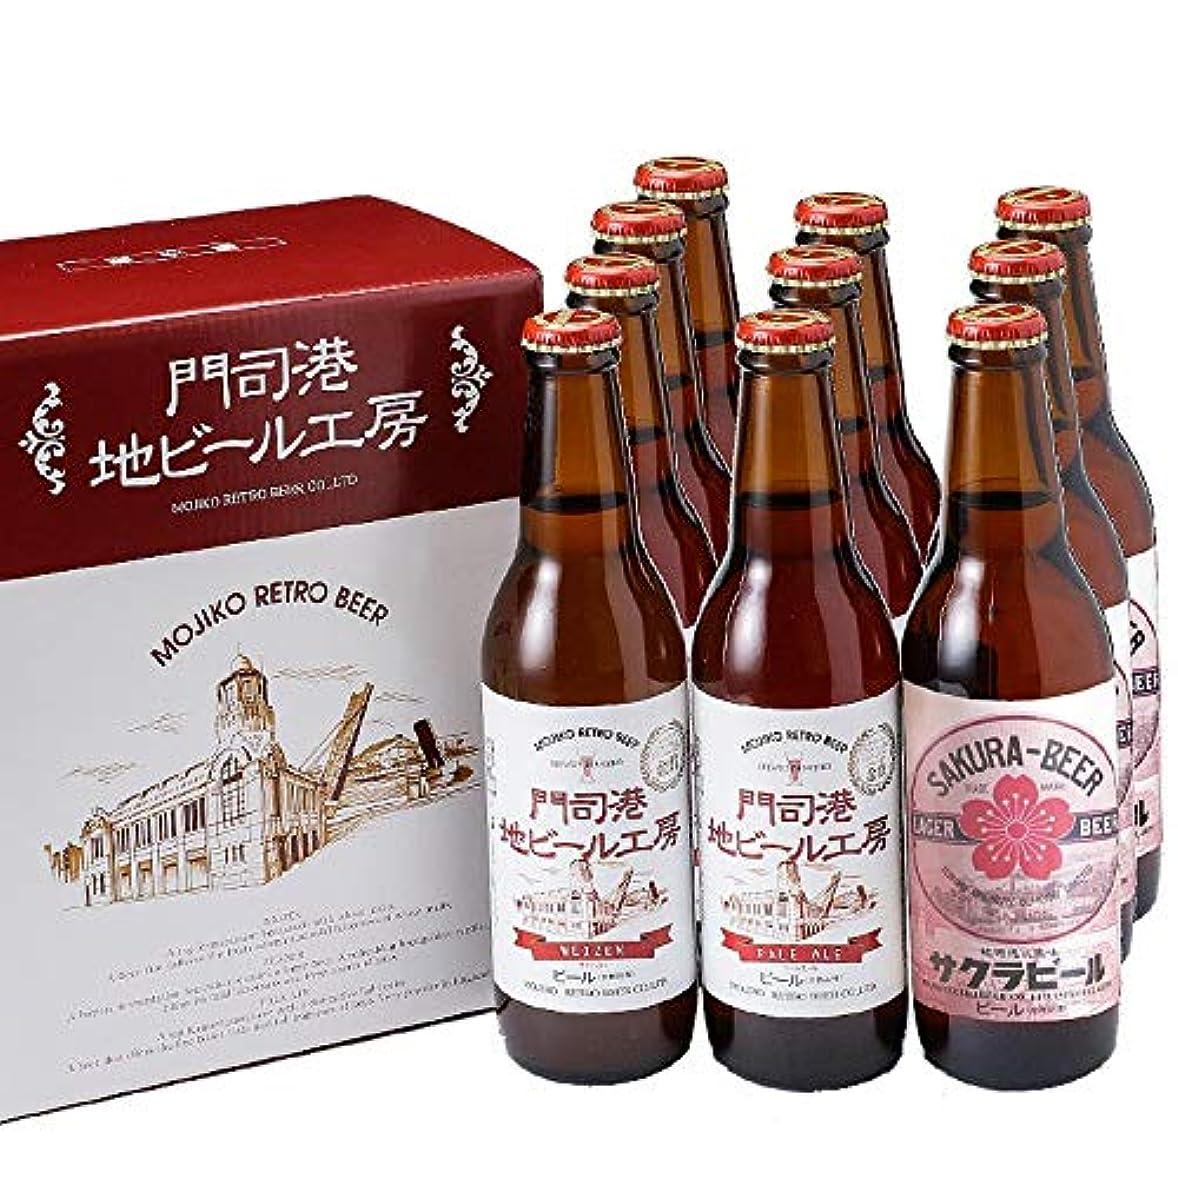 司書校長草門司港 ビール 330ml 3種類 合計24本セット 地ビール クラフト ビール